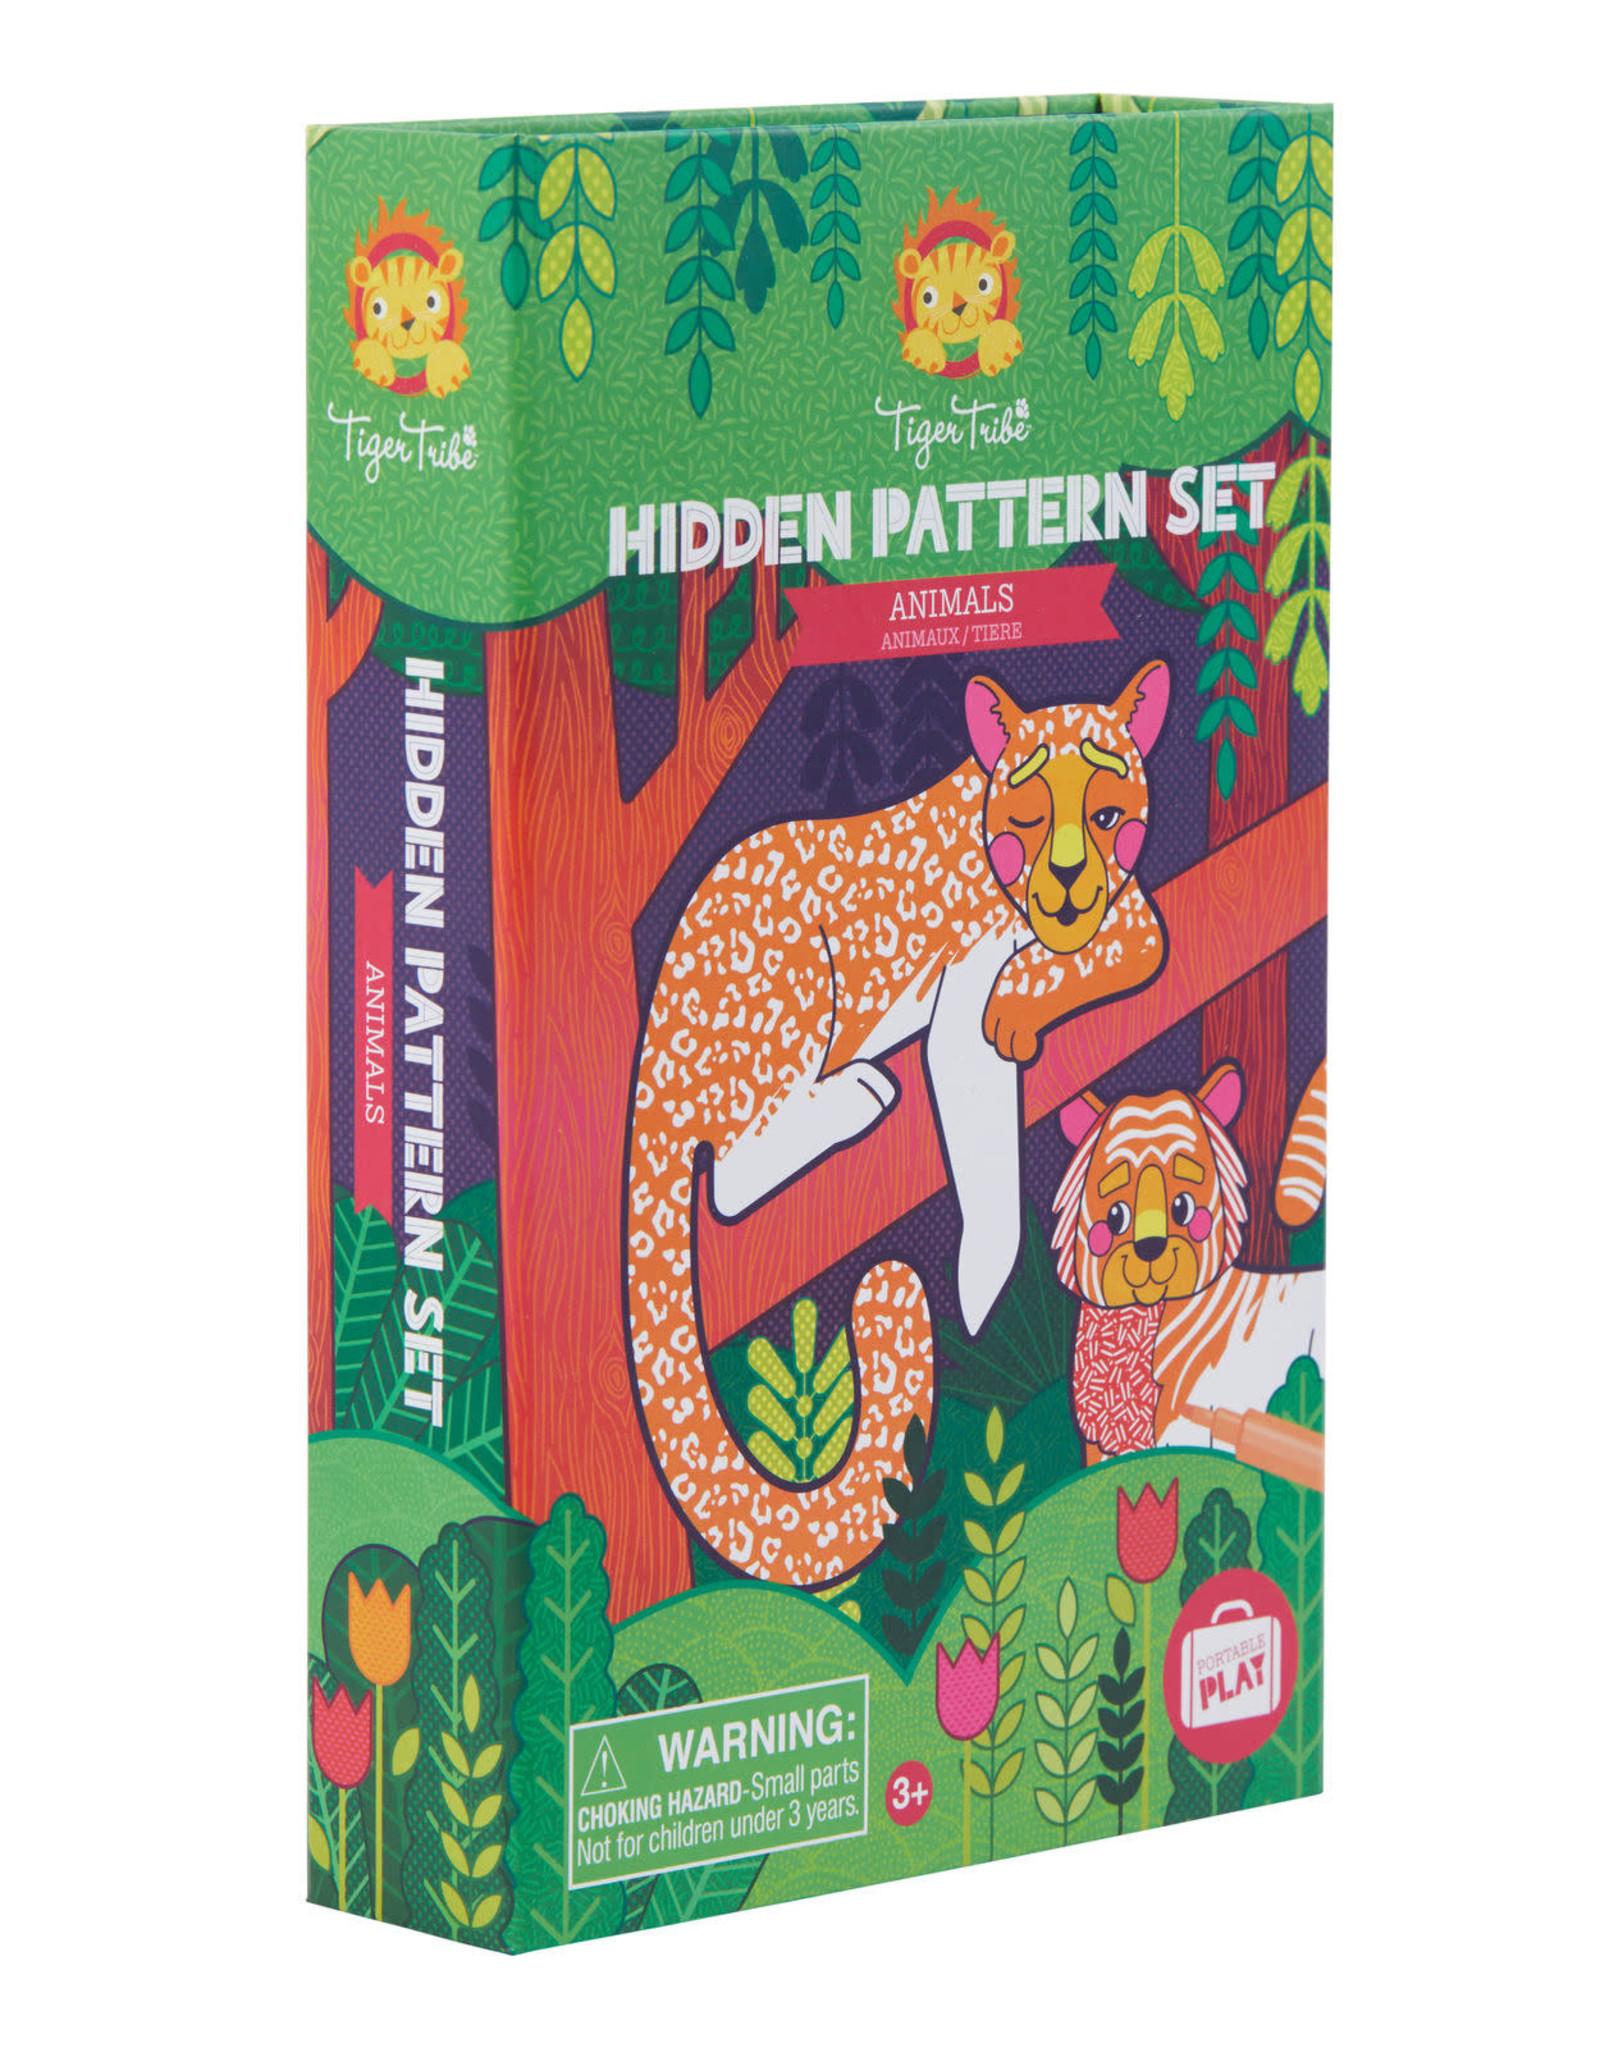 Tiger Tribe Tiger Tribe - Hidden Pattern Set Animals